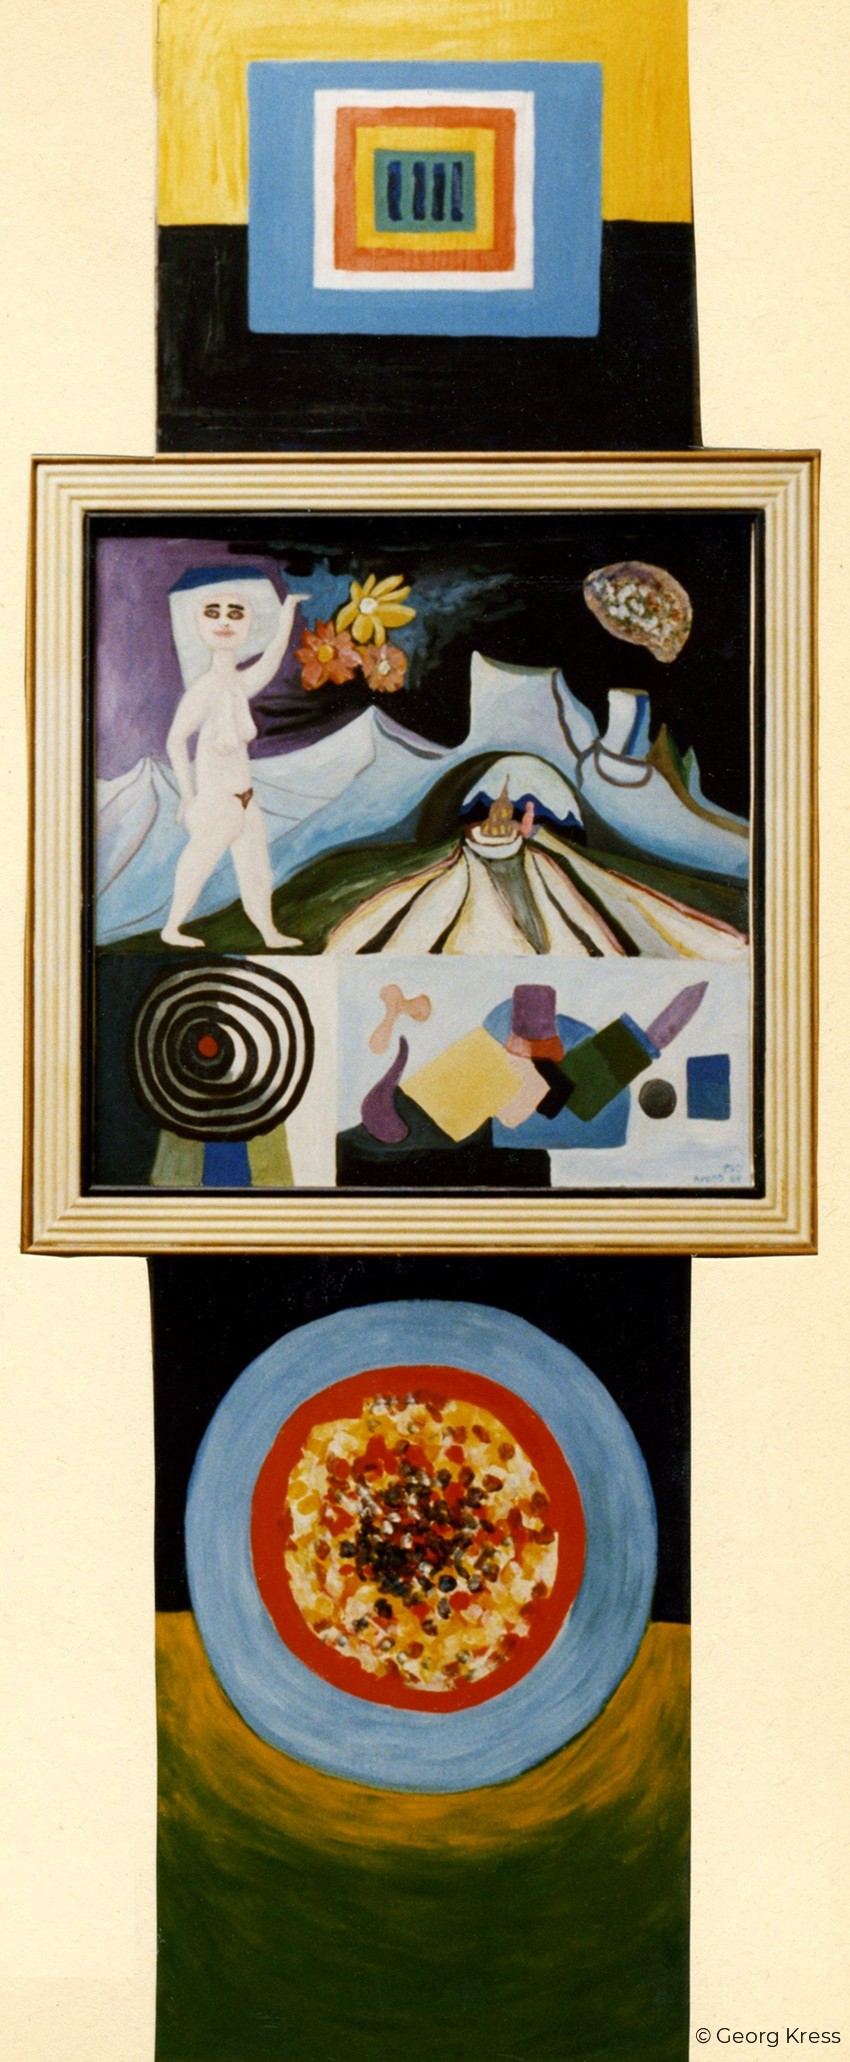 Astronautin mit Blume auf dem Mond. 1991. Eitempera, Öl, Dispersion auf Leinwand, Holz.